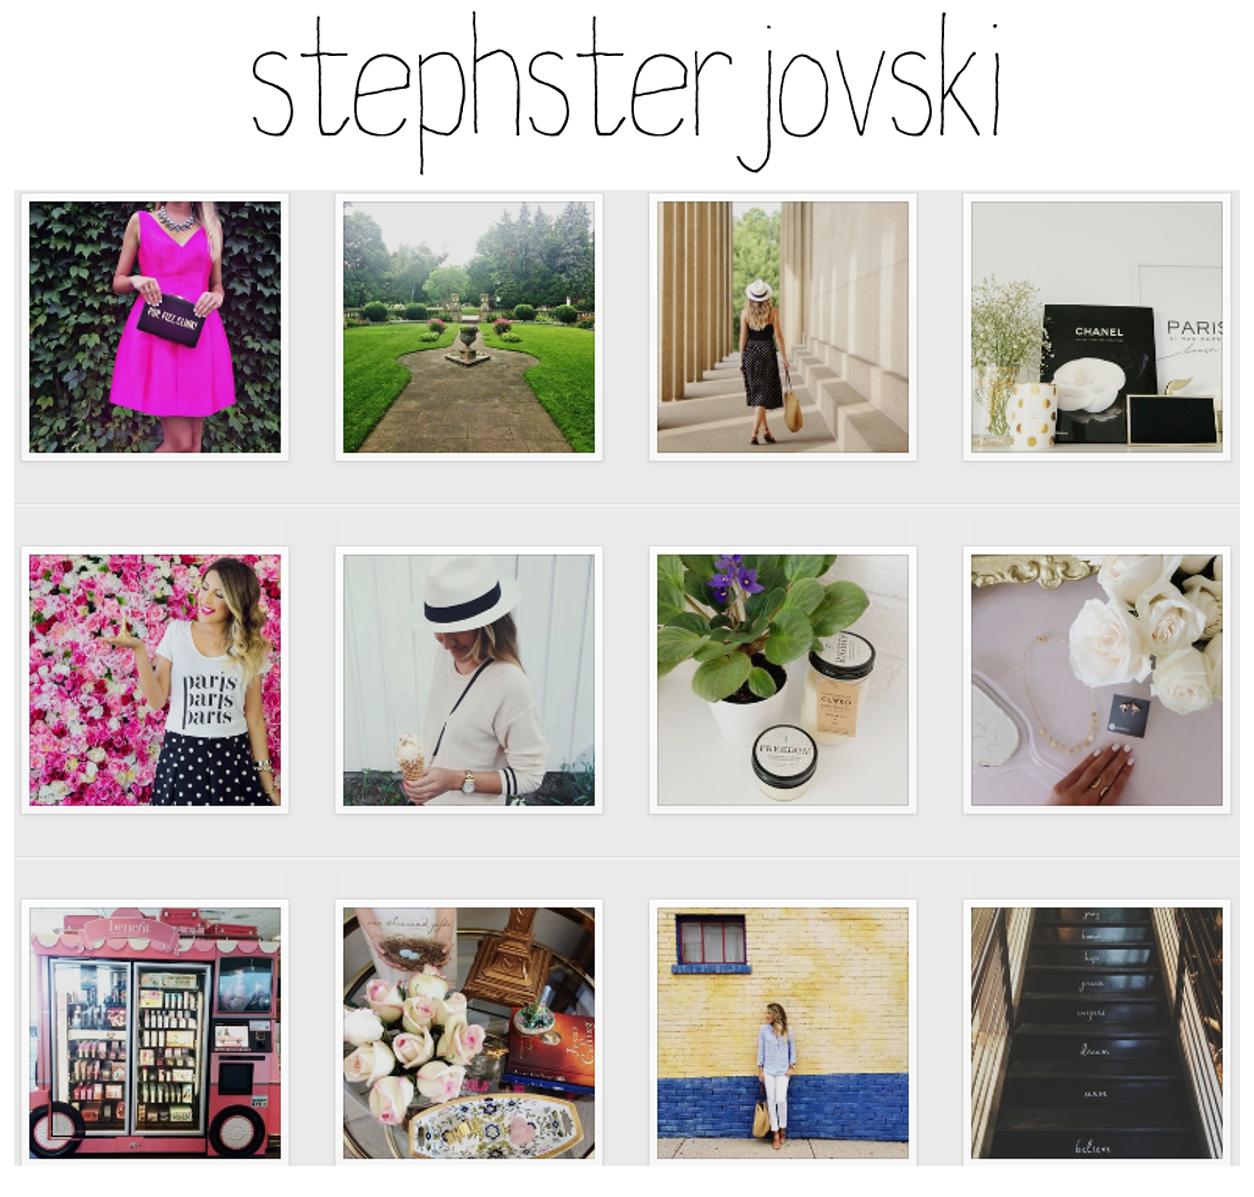 stephsterjovski